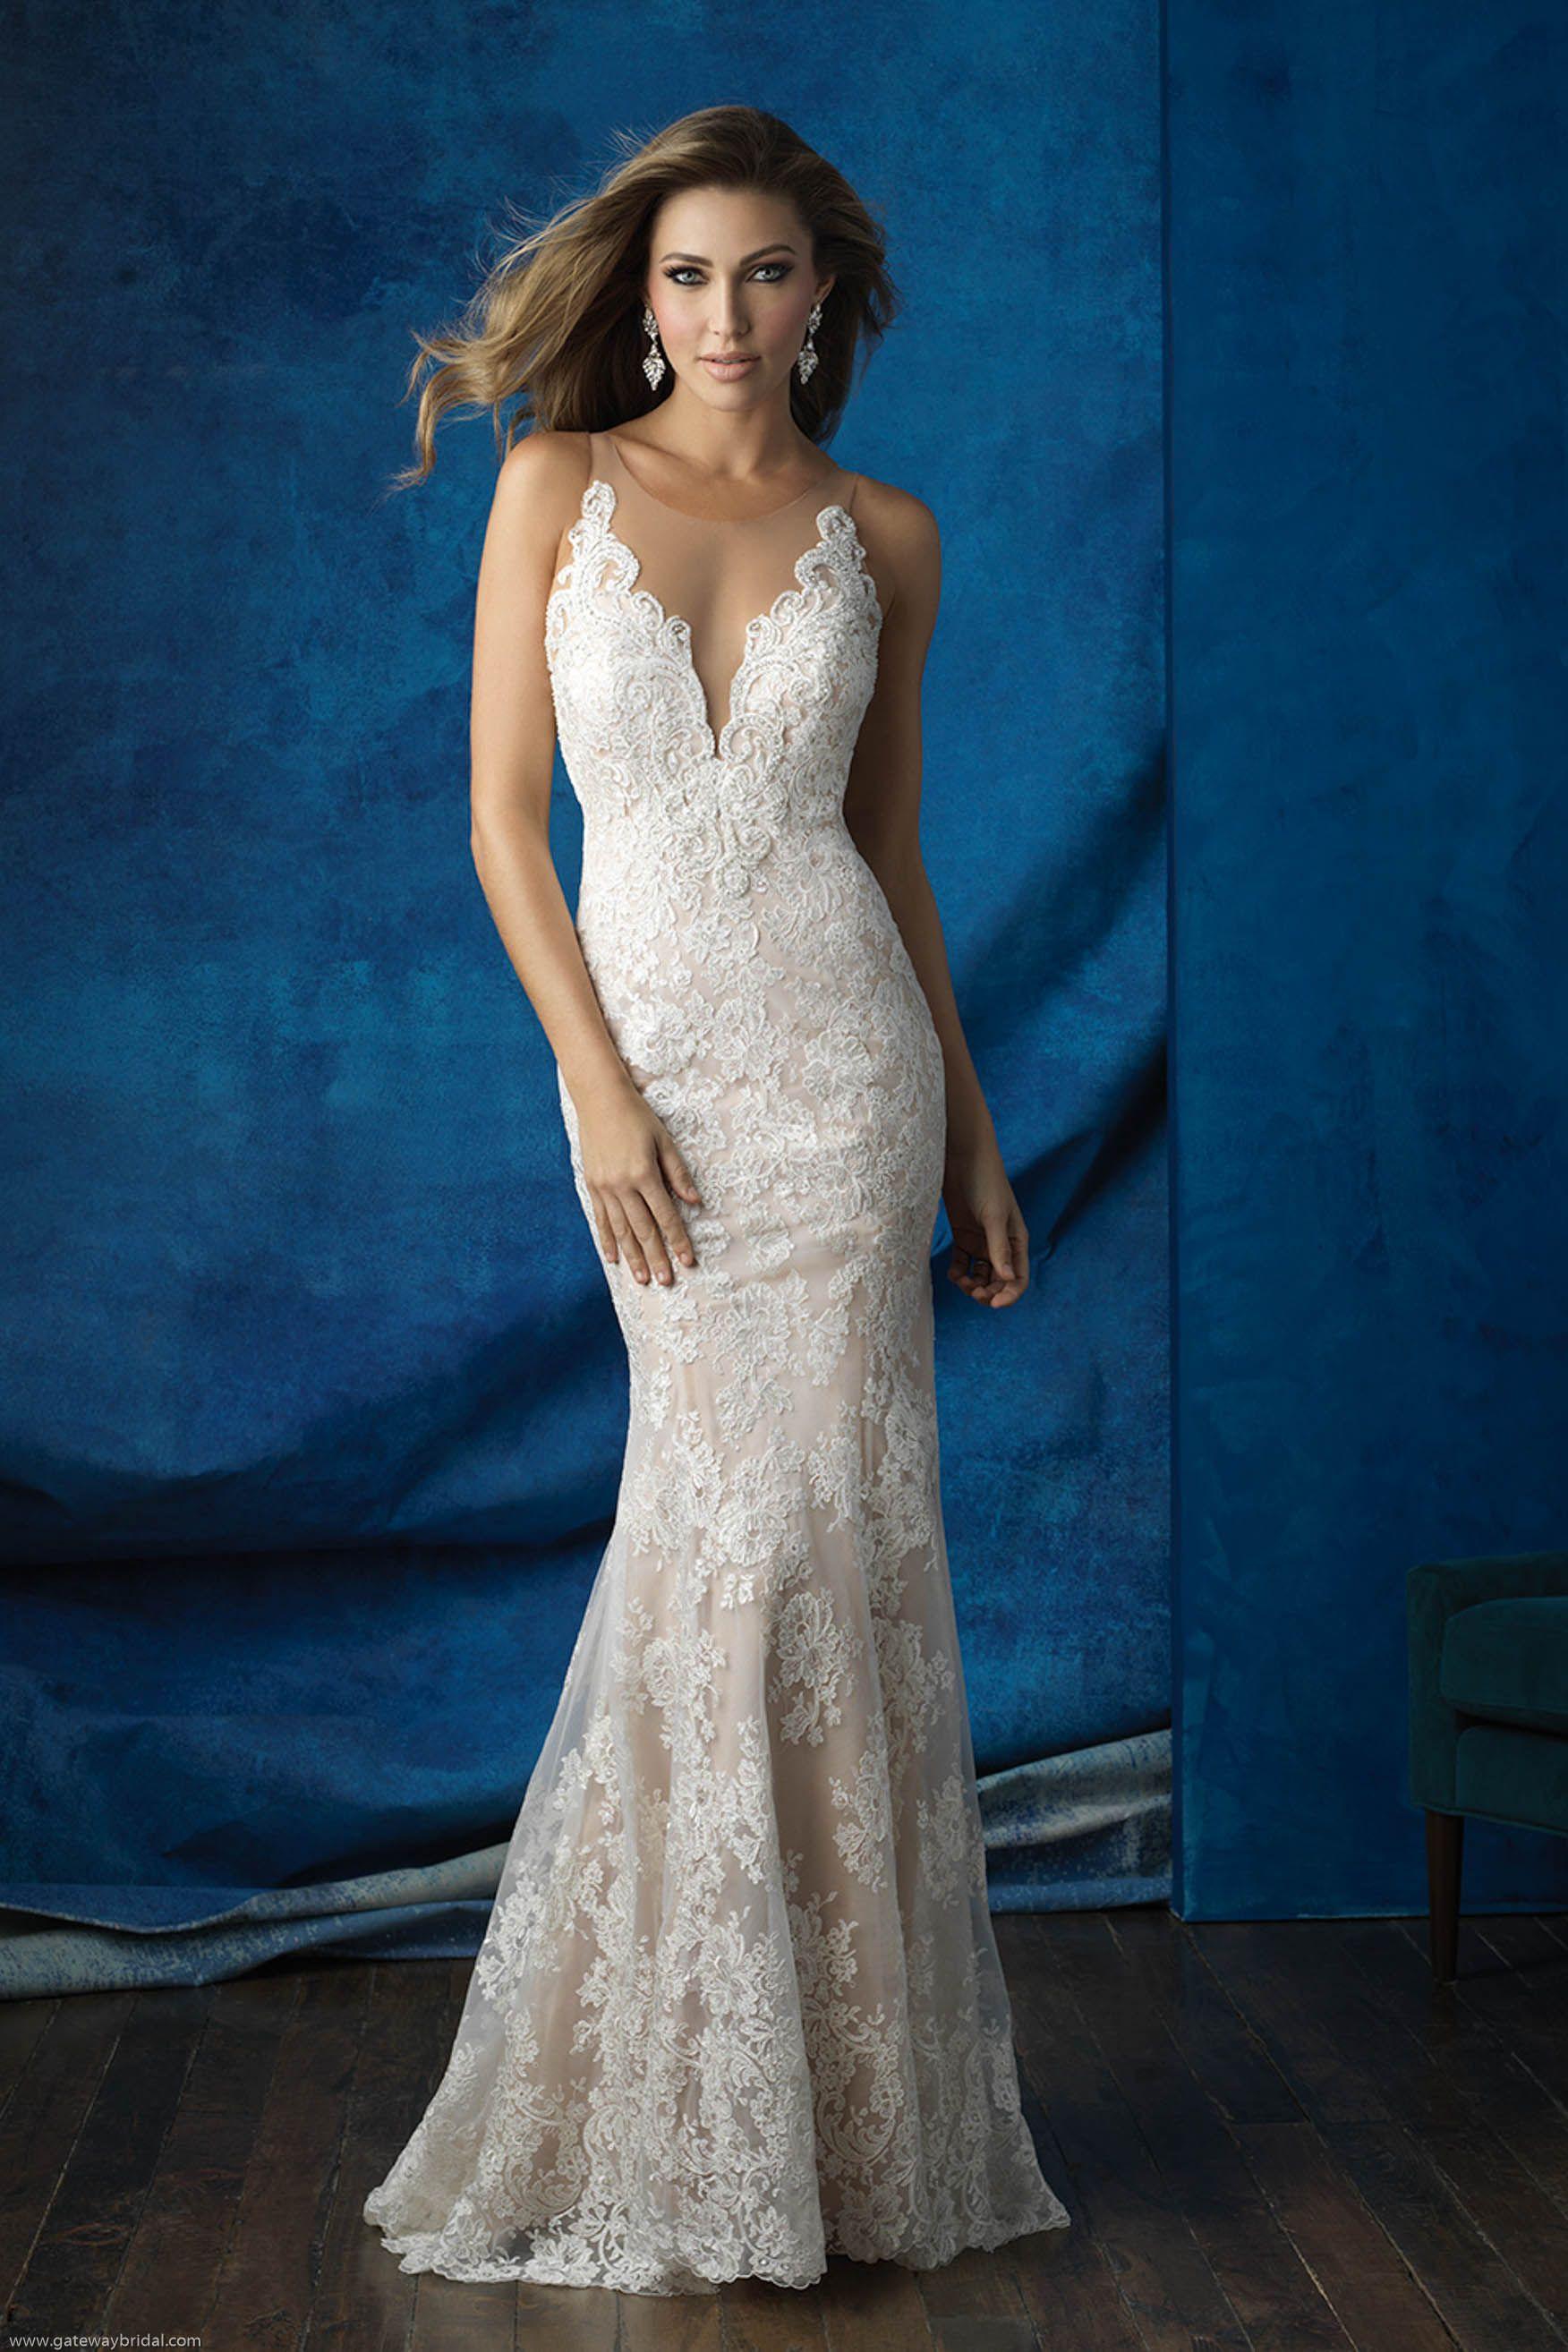 Wedding Dresses | Allure 9363 | Allure Bridals at Gateway Bridal ...